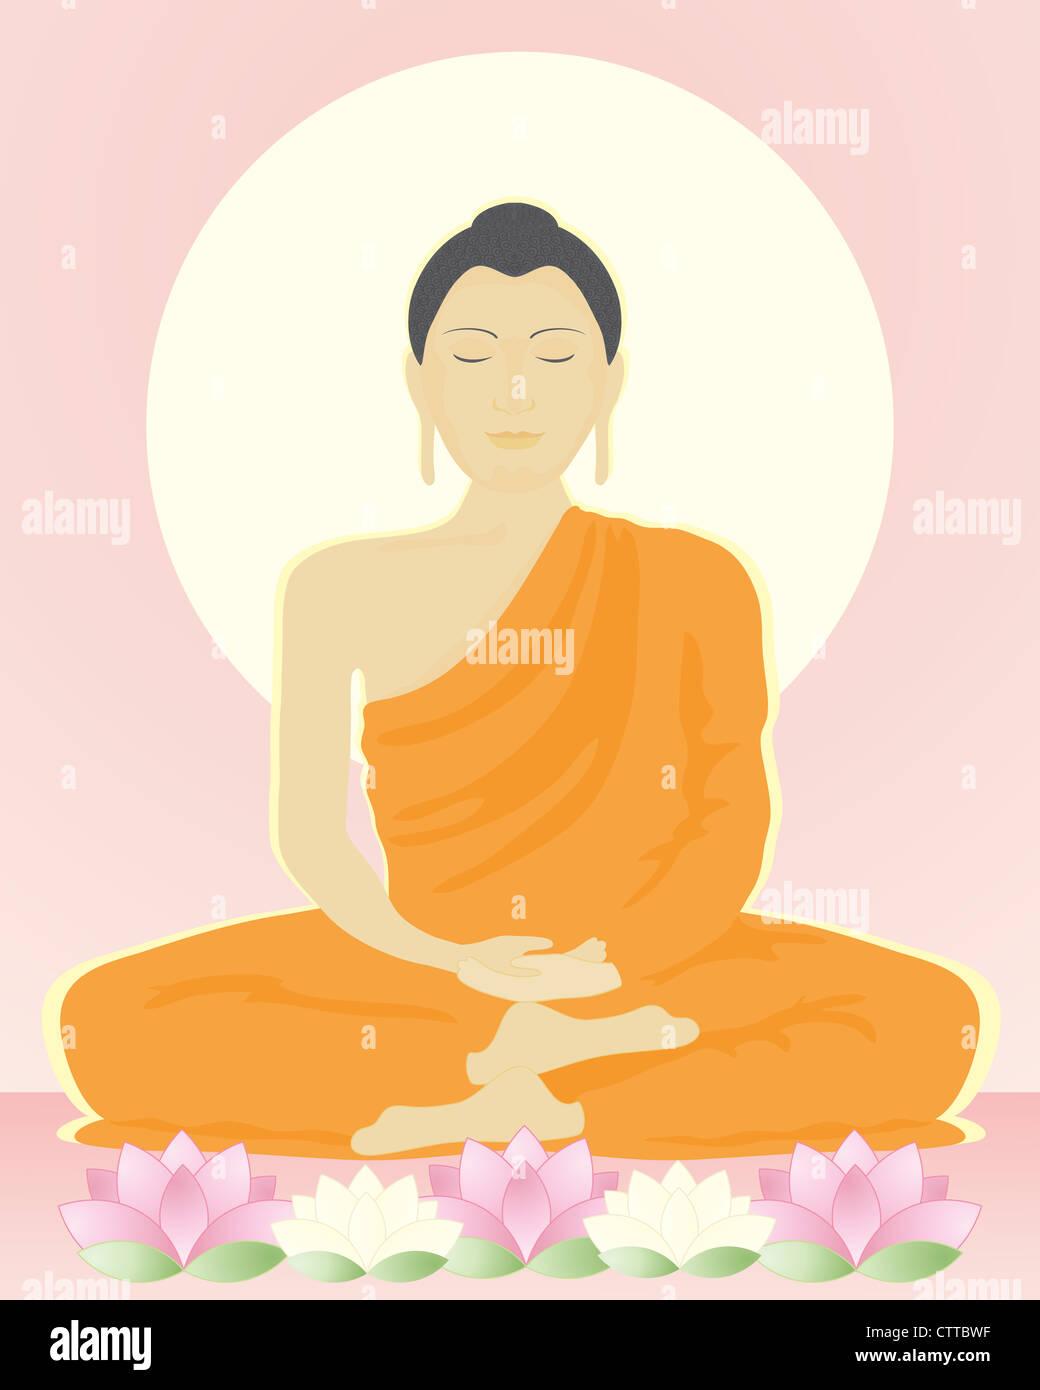 ein Beispiel für ein Bild des Buddha in Meditation sitzen mit Lotusblüten unter einer hellen gelben Sonne Stockbild